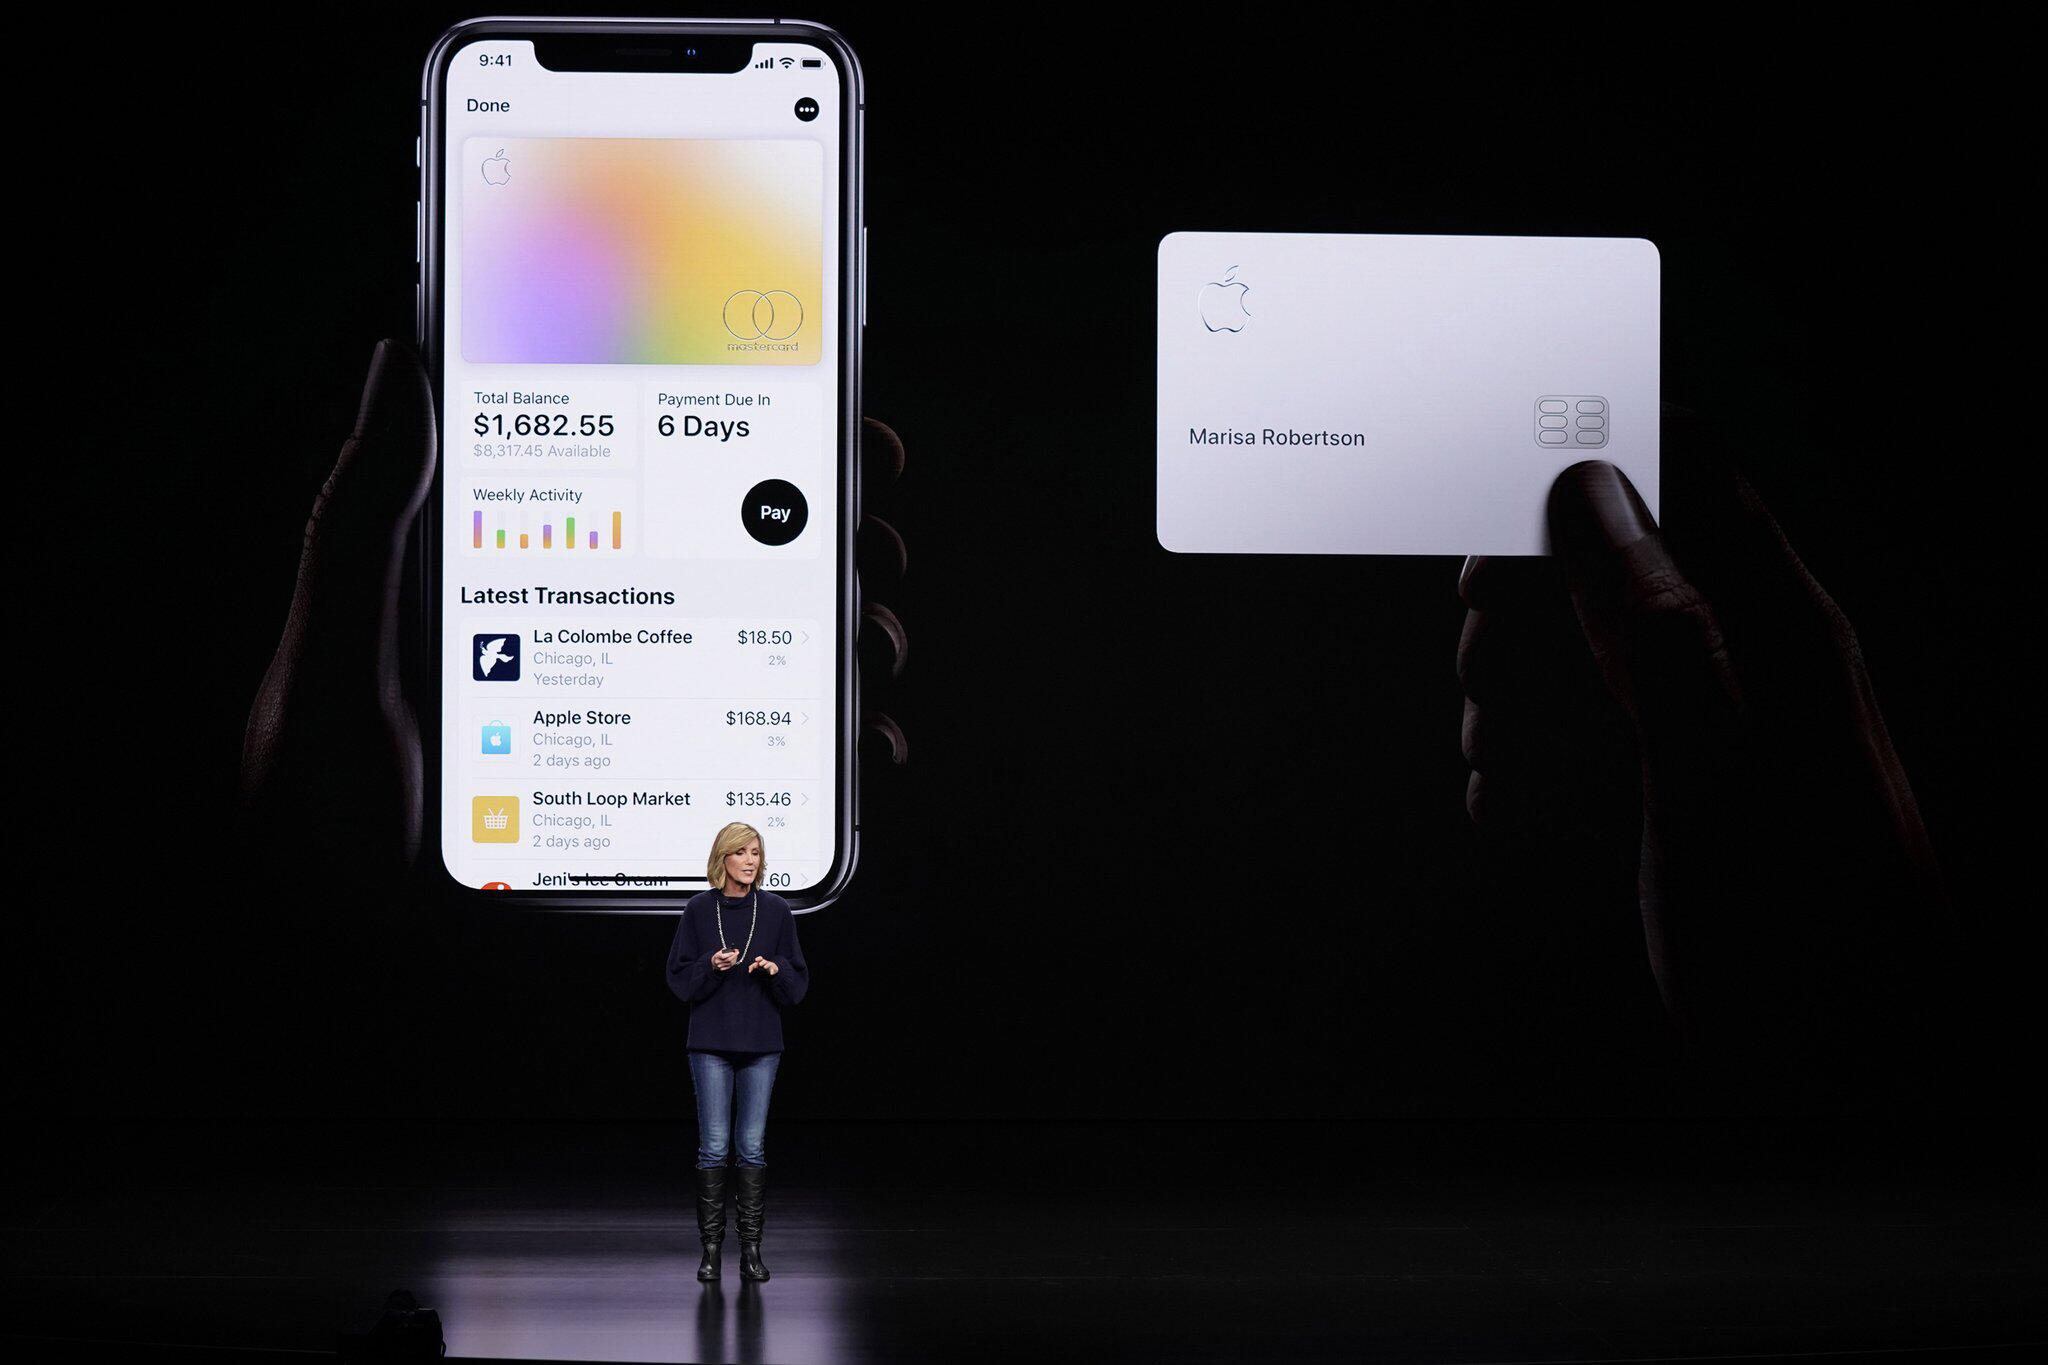 Sexismus bei der Apple Card? Frauen erhalten kleineren Finanzrahmen als Männer